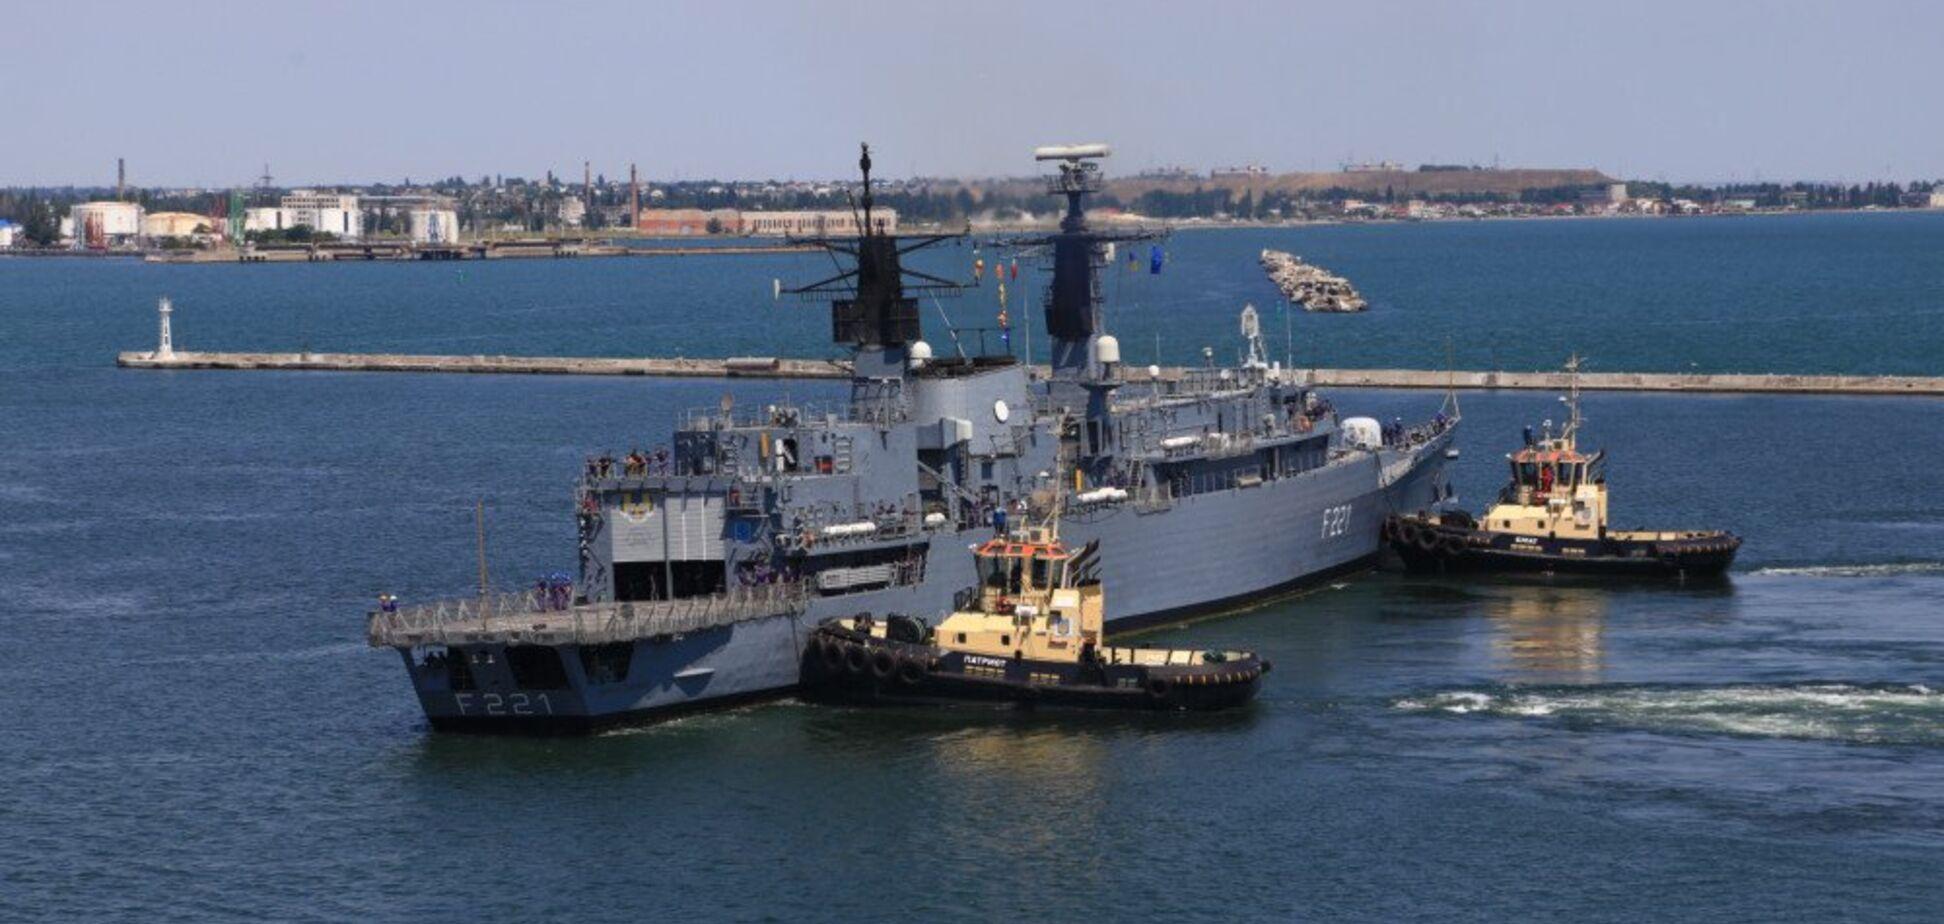 В Одессу зашли боевые корабли НАТО. Фото и видео